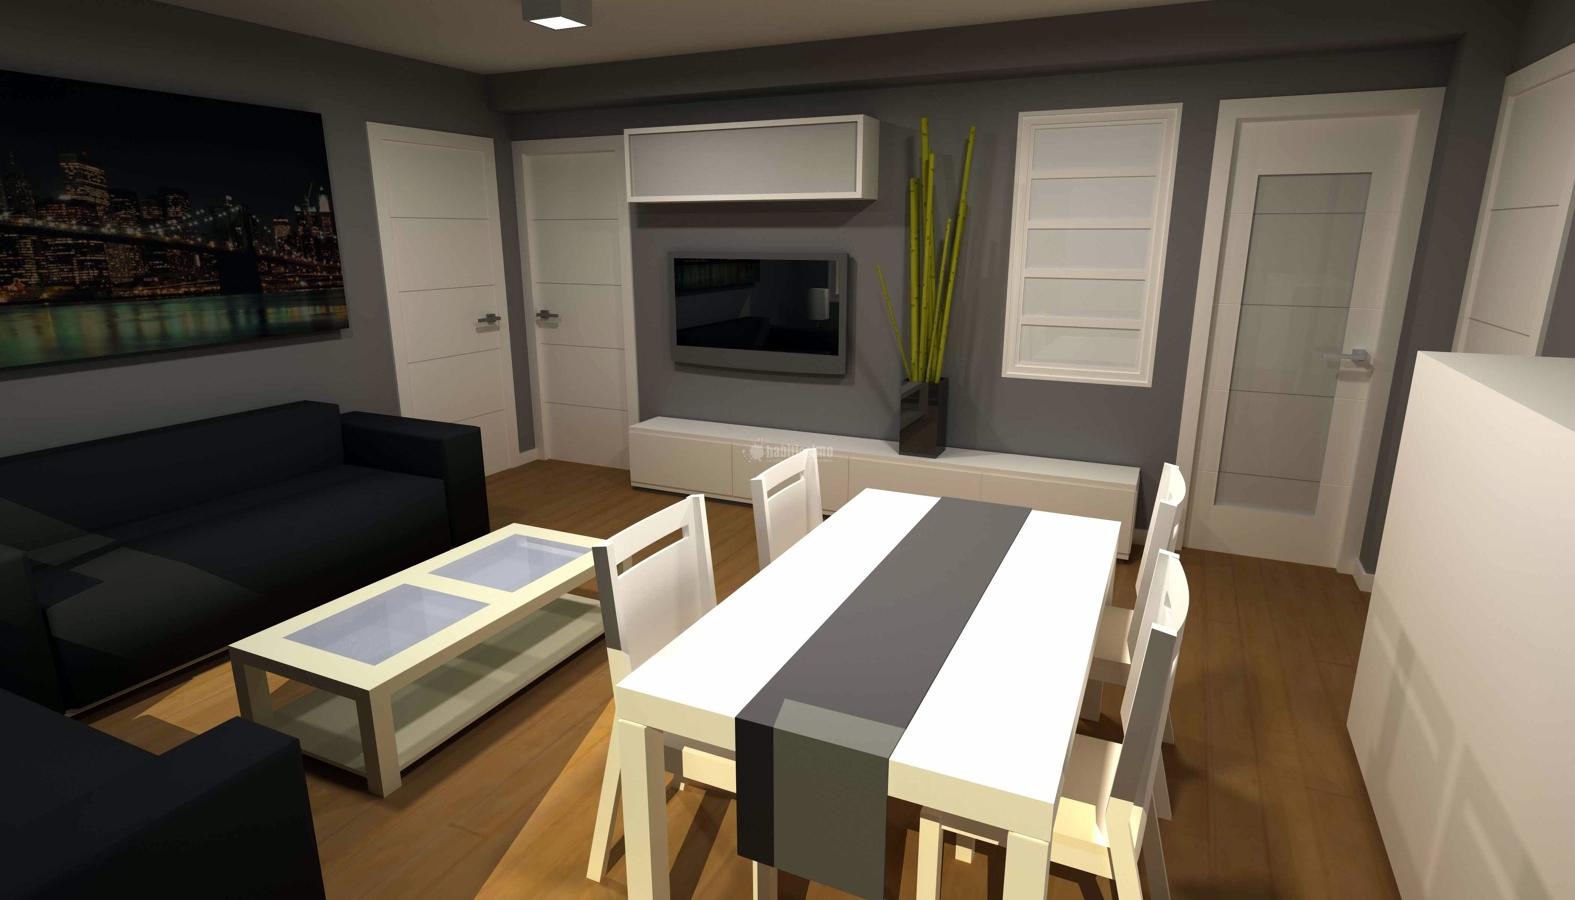 Foto arquitectos dise o interiores tramitaci n licencias de ivan carbonell arquitecto - Arquitecto de interiores ...